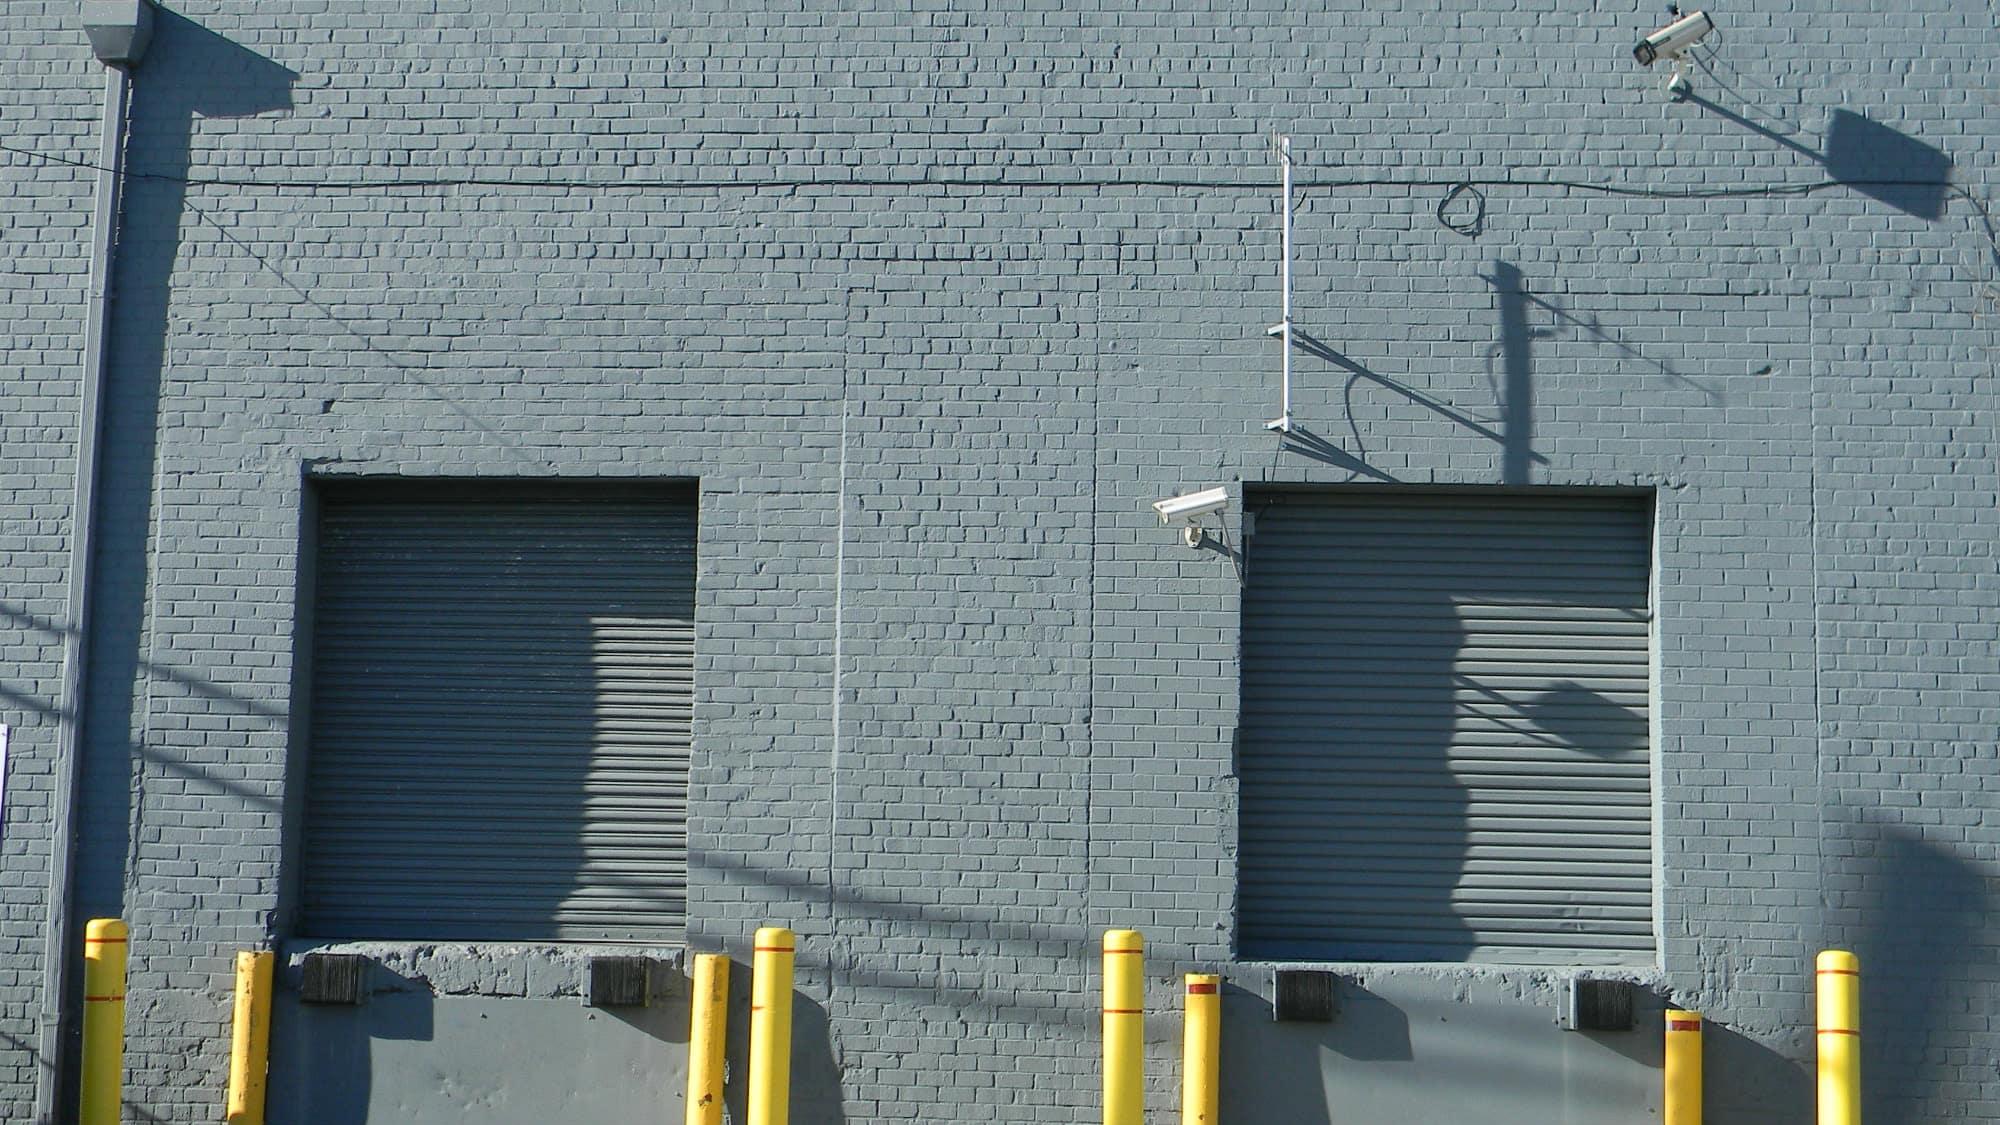 Exterior loading area at Self Storage Plus in Alexandria, VA